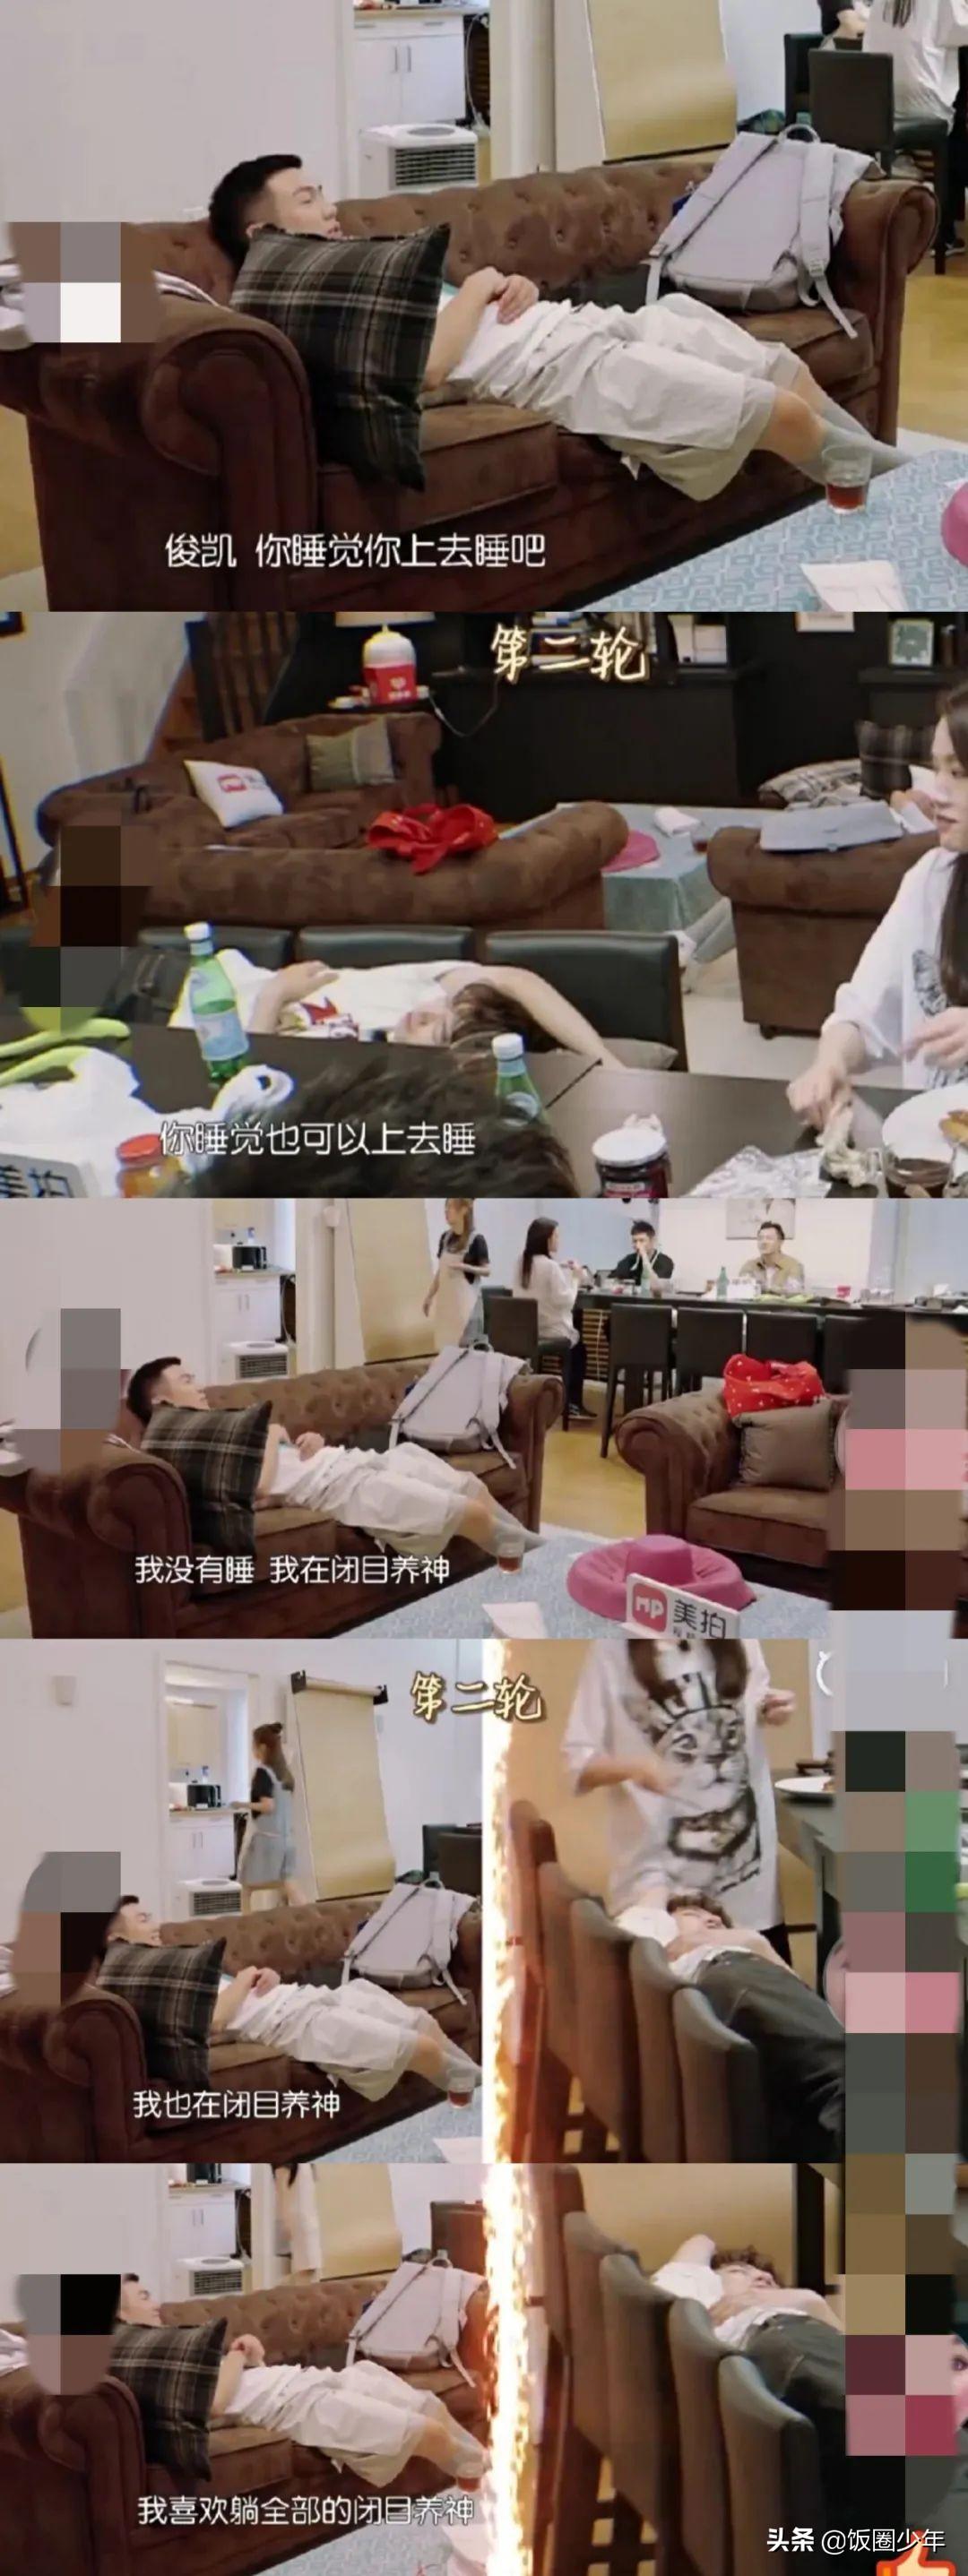 王俊凯帮白举纲宣传新歌,熟悉的昵称引人怀念,两人兄弟情还在